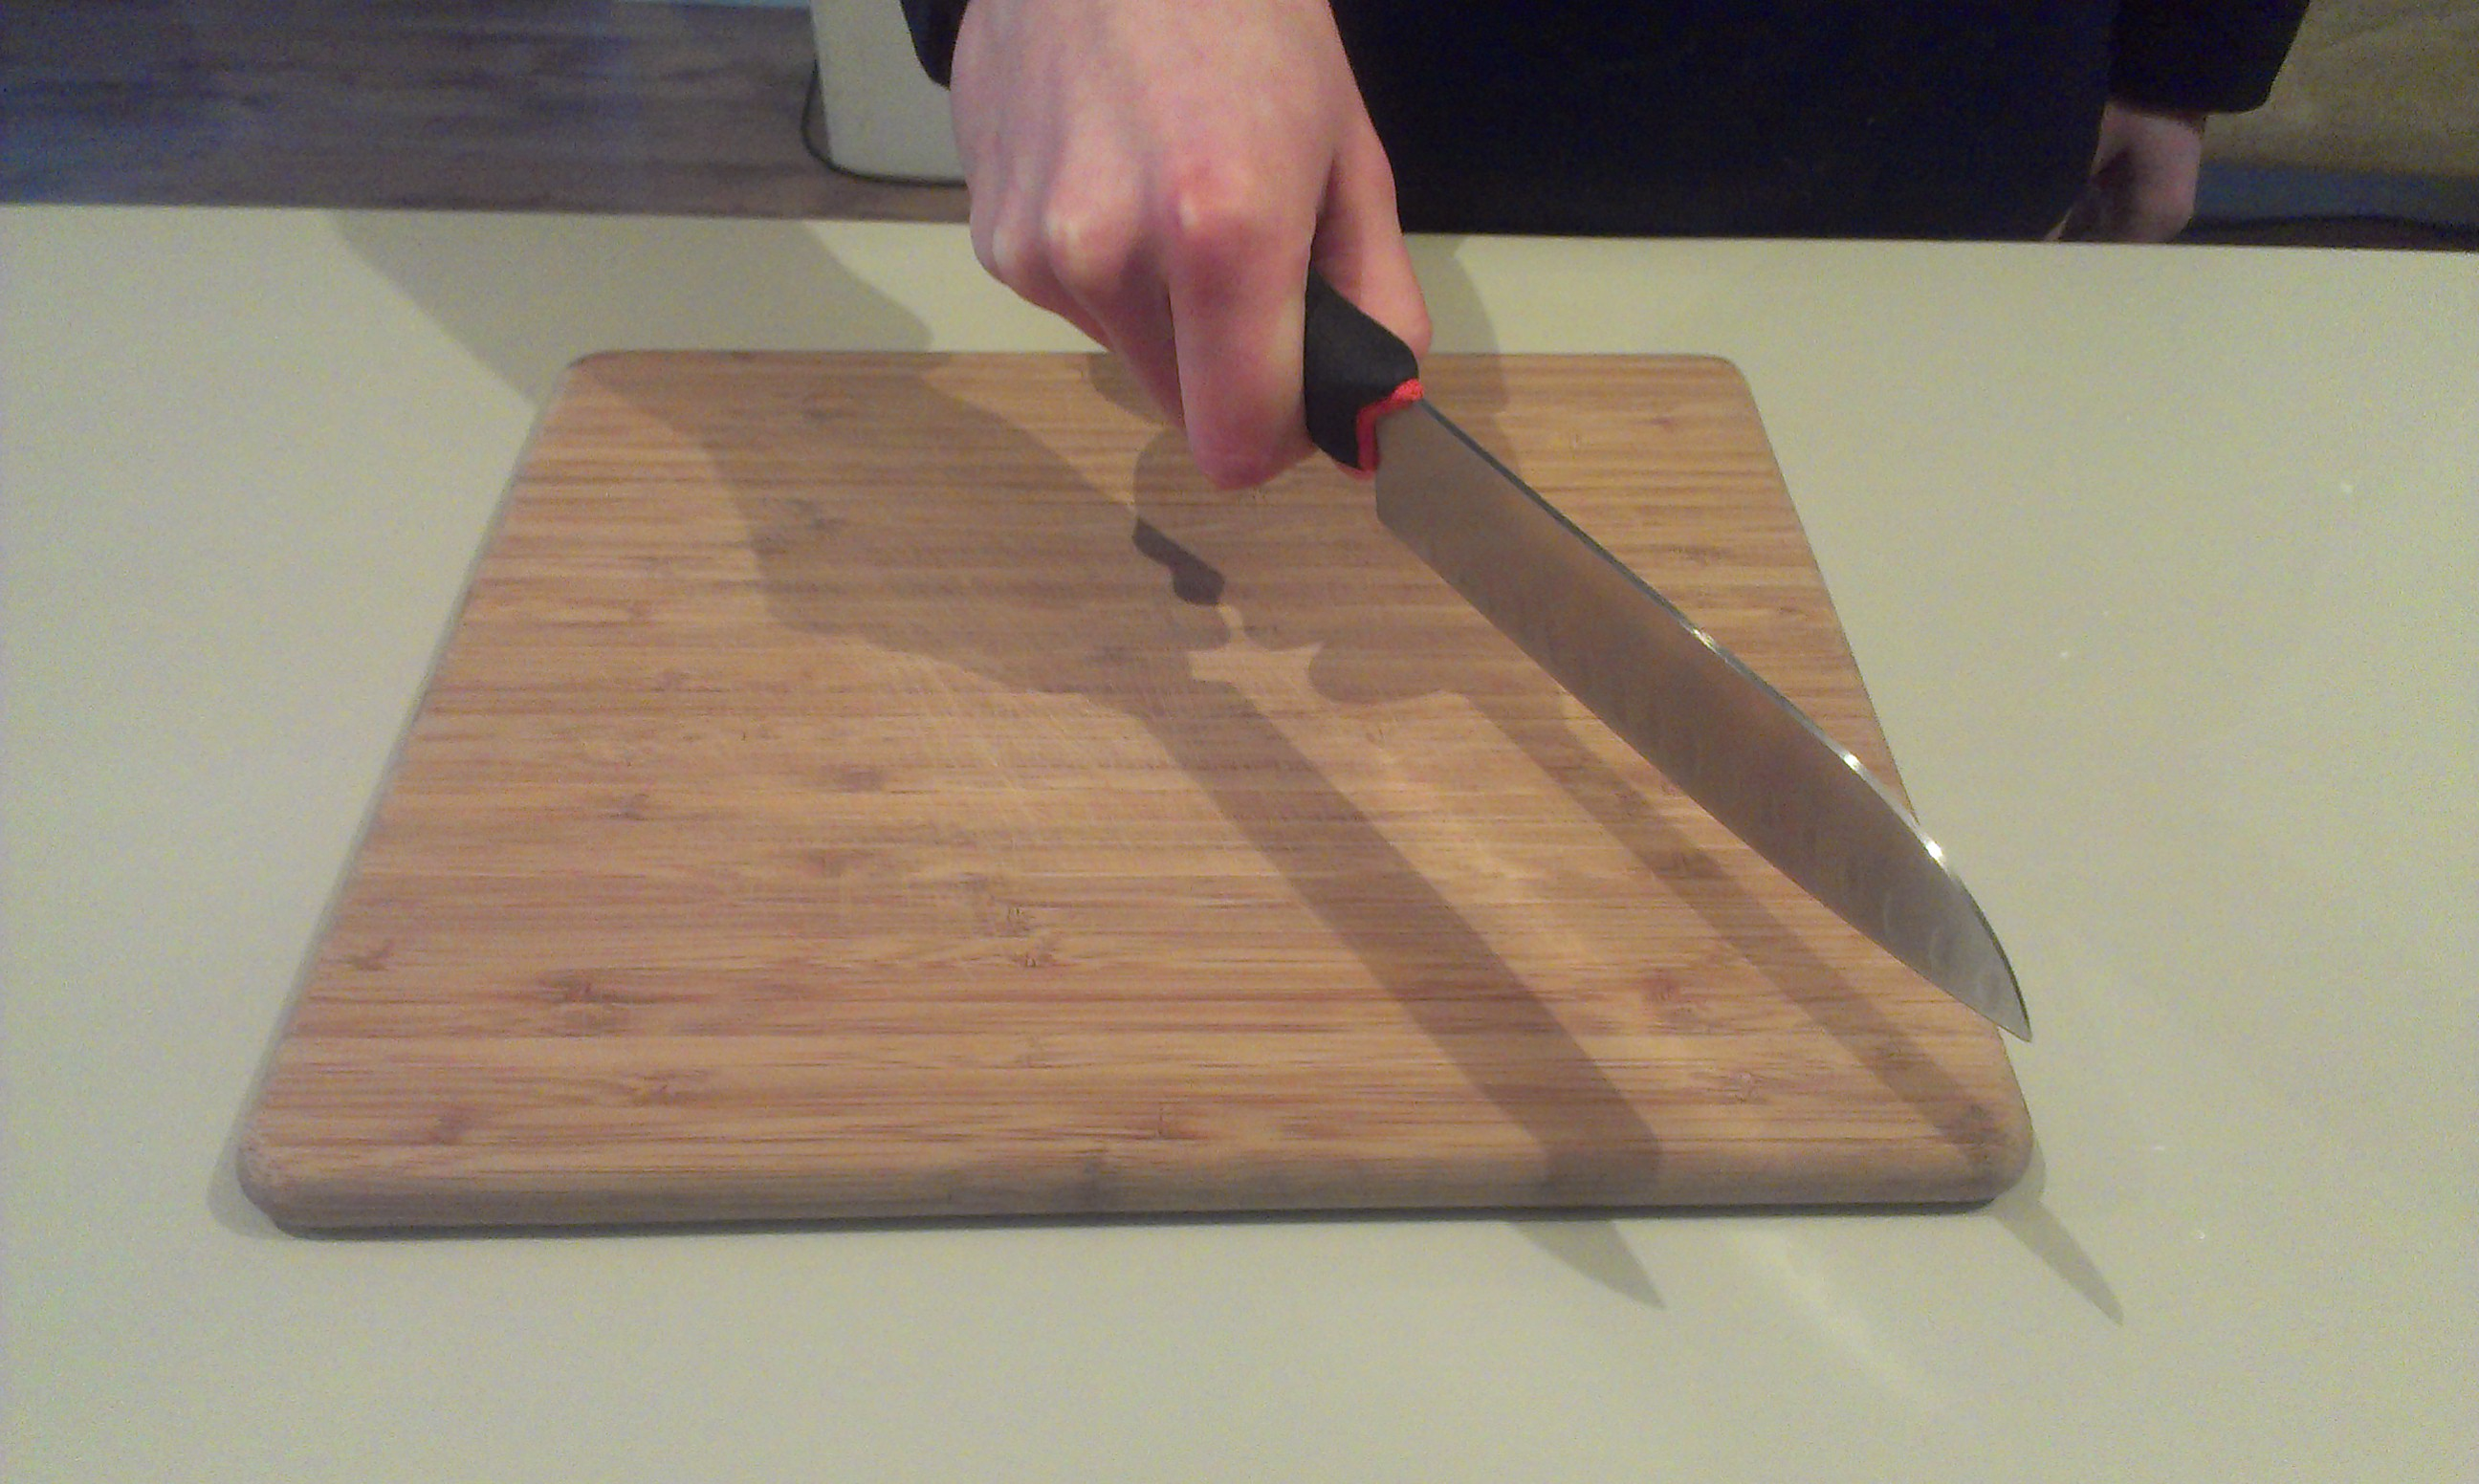 Je moet je mes gewoon goed stevig vast houden. Geen vinger er bovenop leggen.